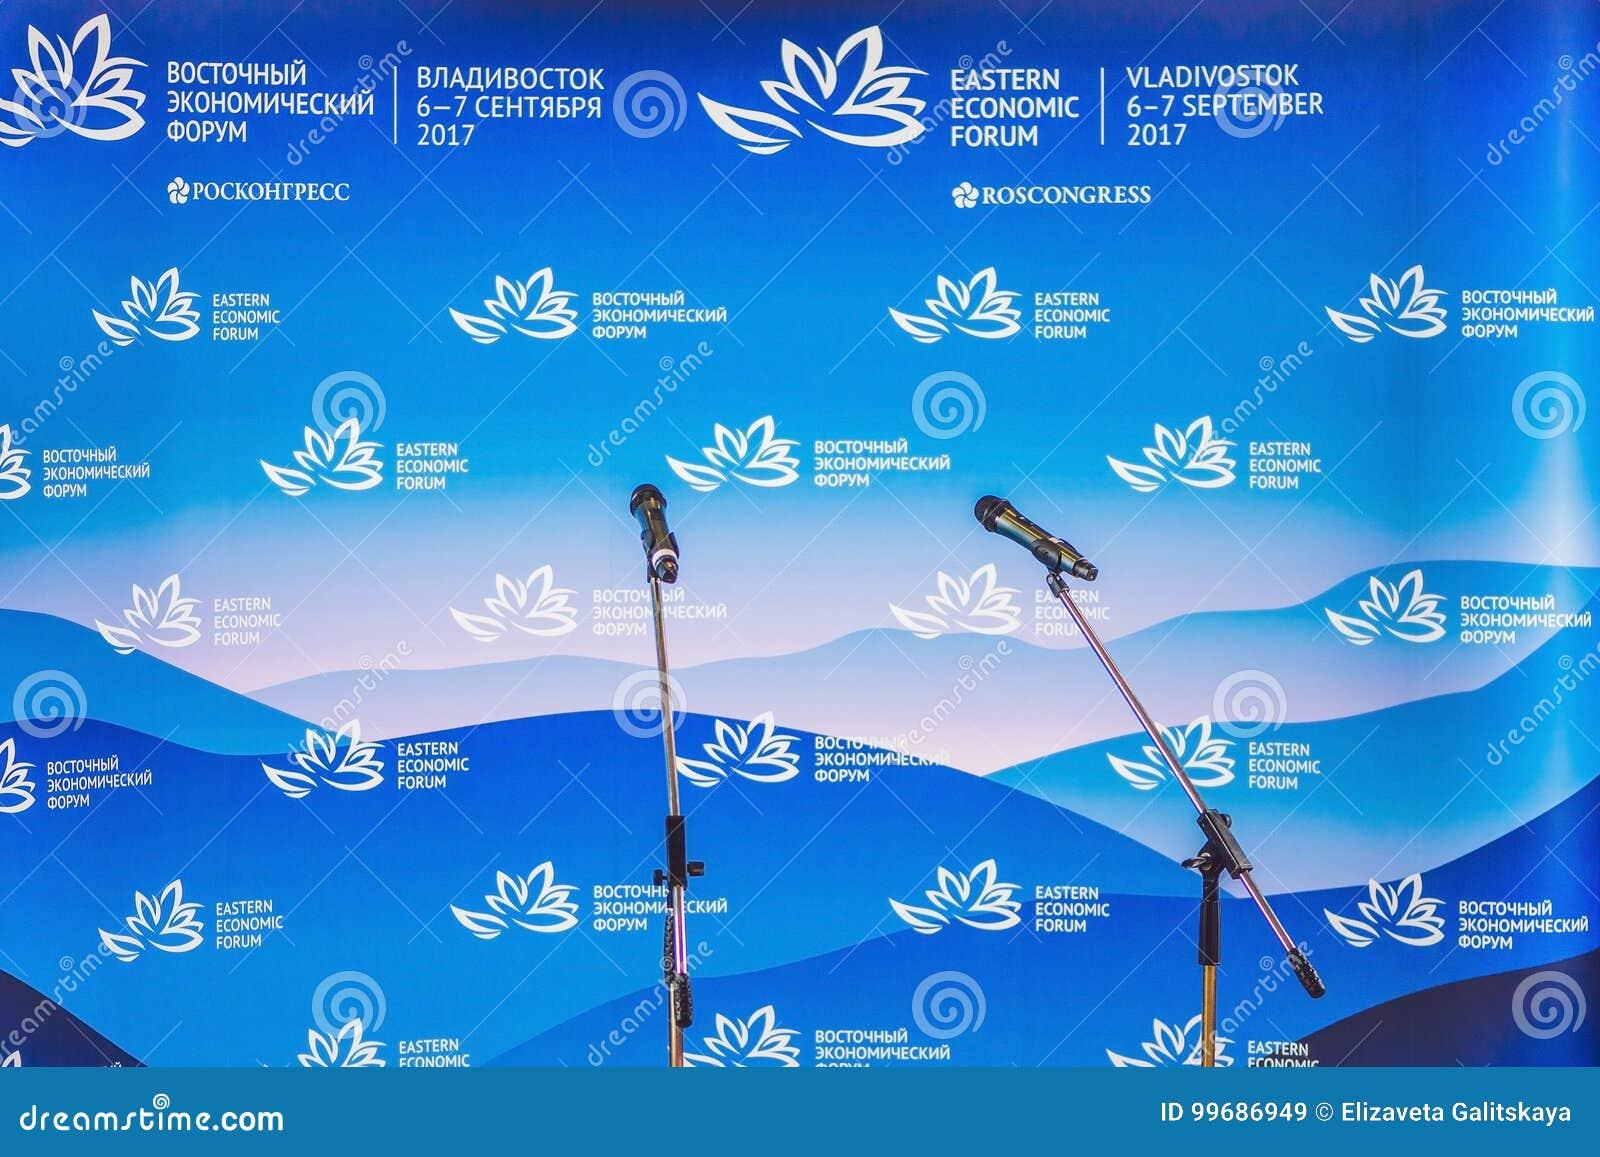 Vladivostok, Rusia - 7 de septiembre de 2017: La O.N.U federal de Extremo Oriente